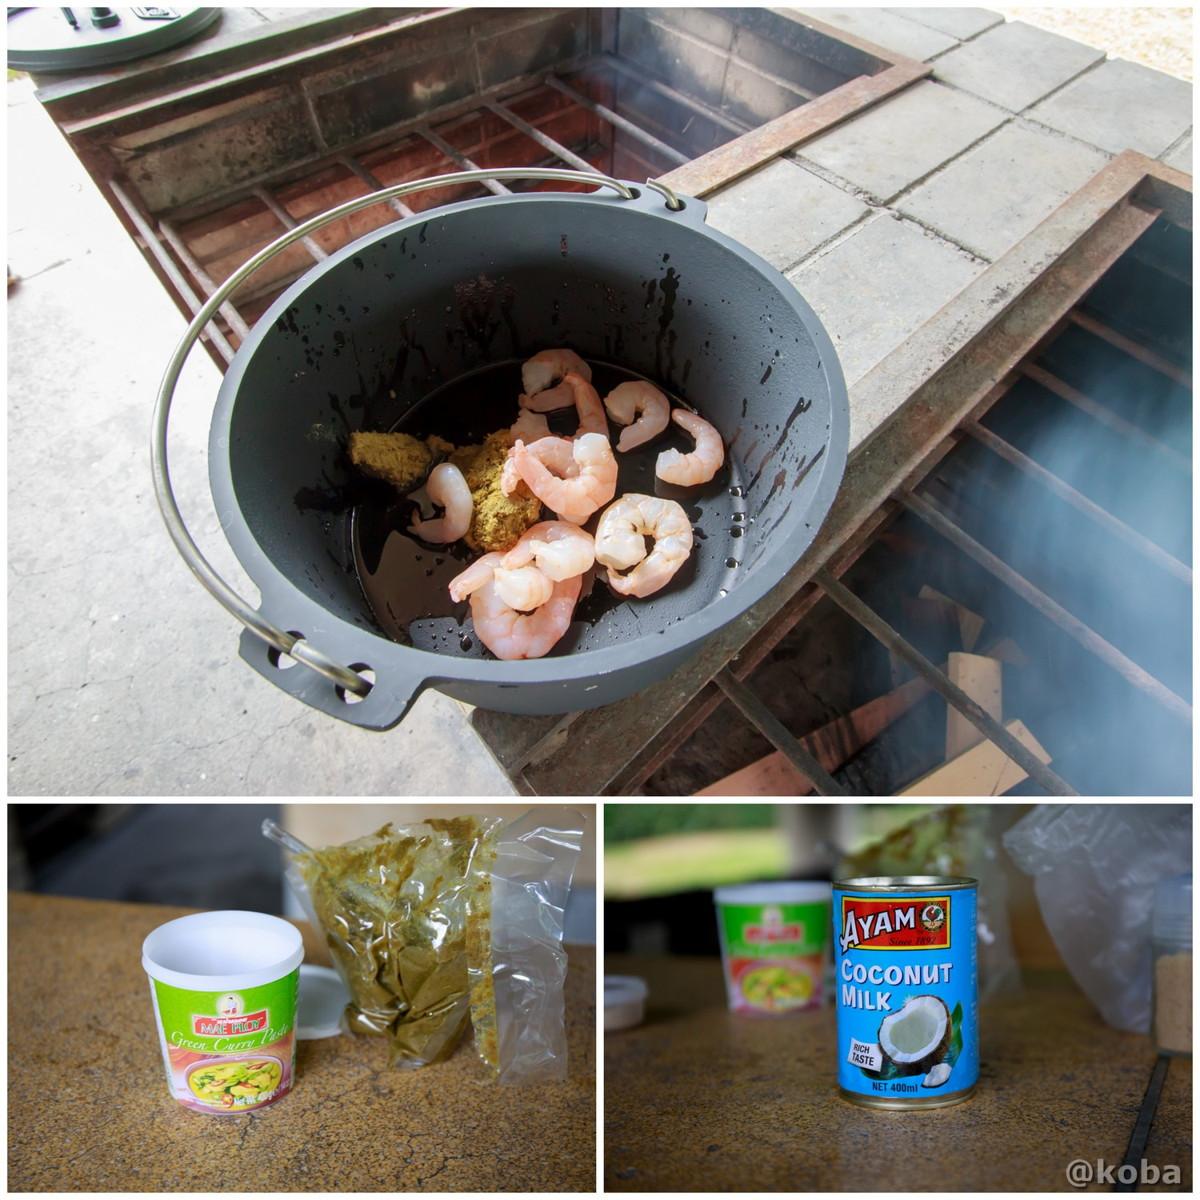 ダッチオーブン タイ料理 グリーンカレーを作ります 若洲公園キャンプ場 江東区 東京バーベキュー